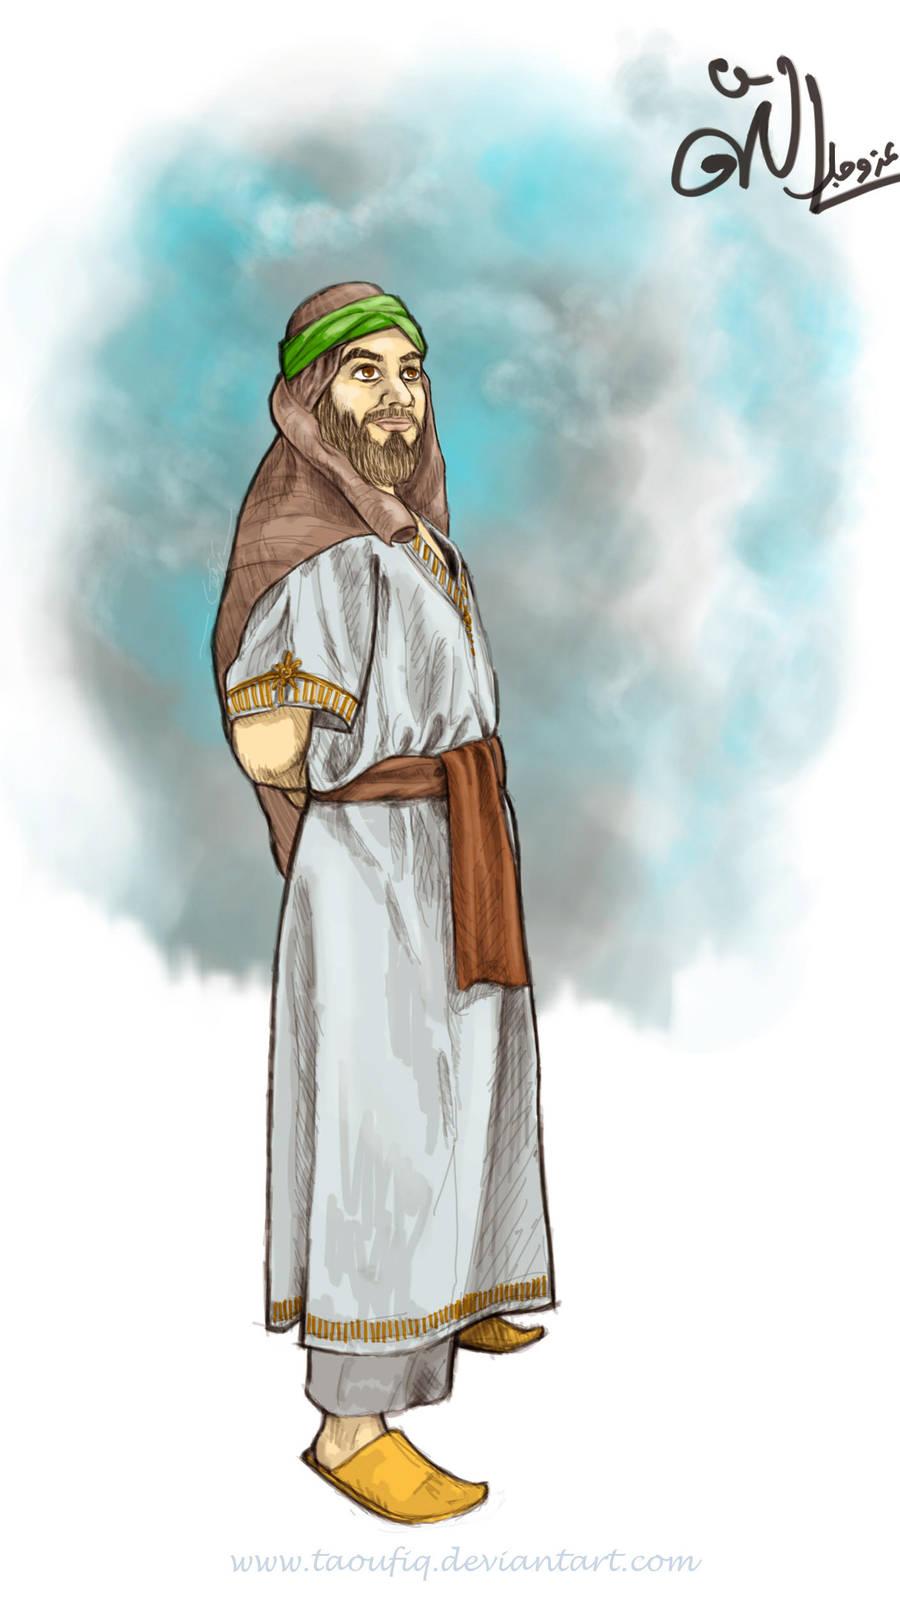 taoufiq's Profile Picture